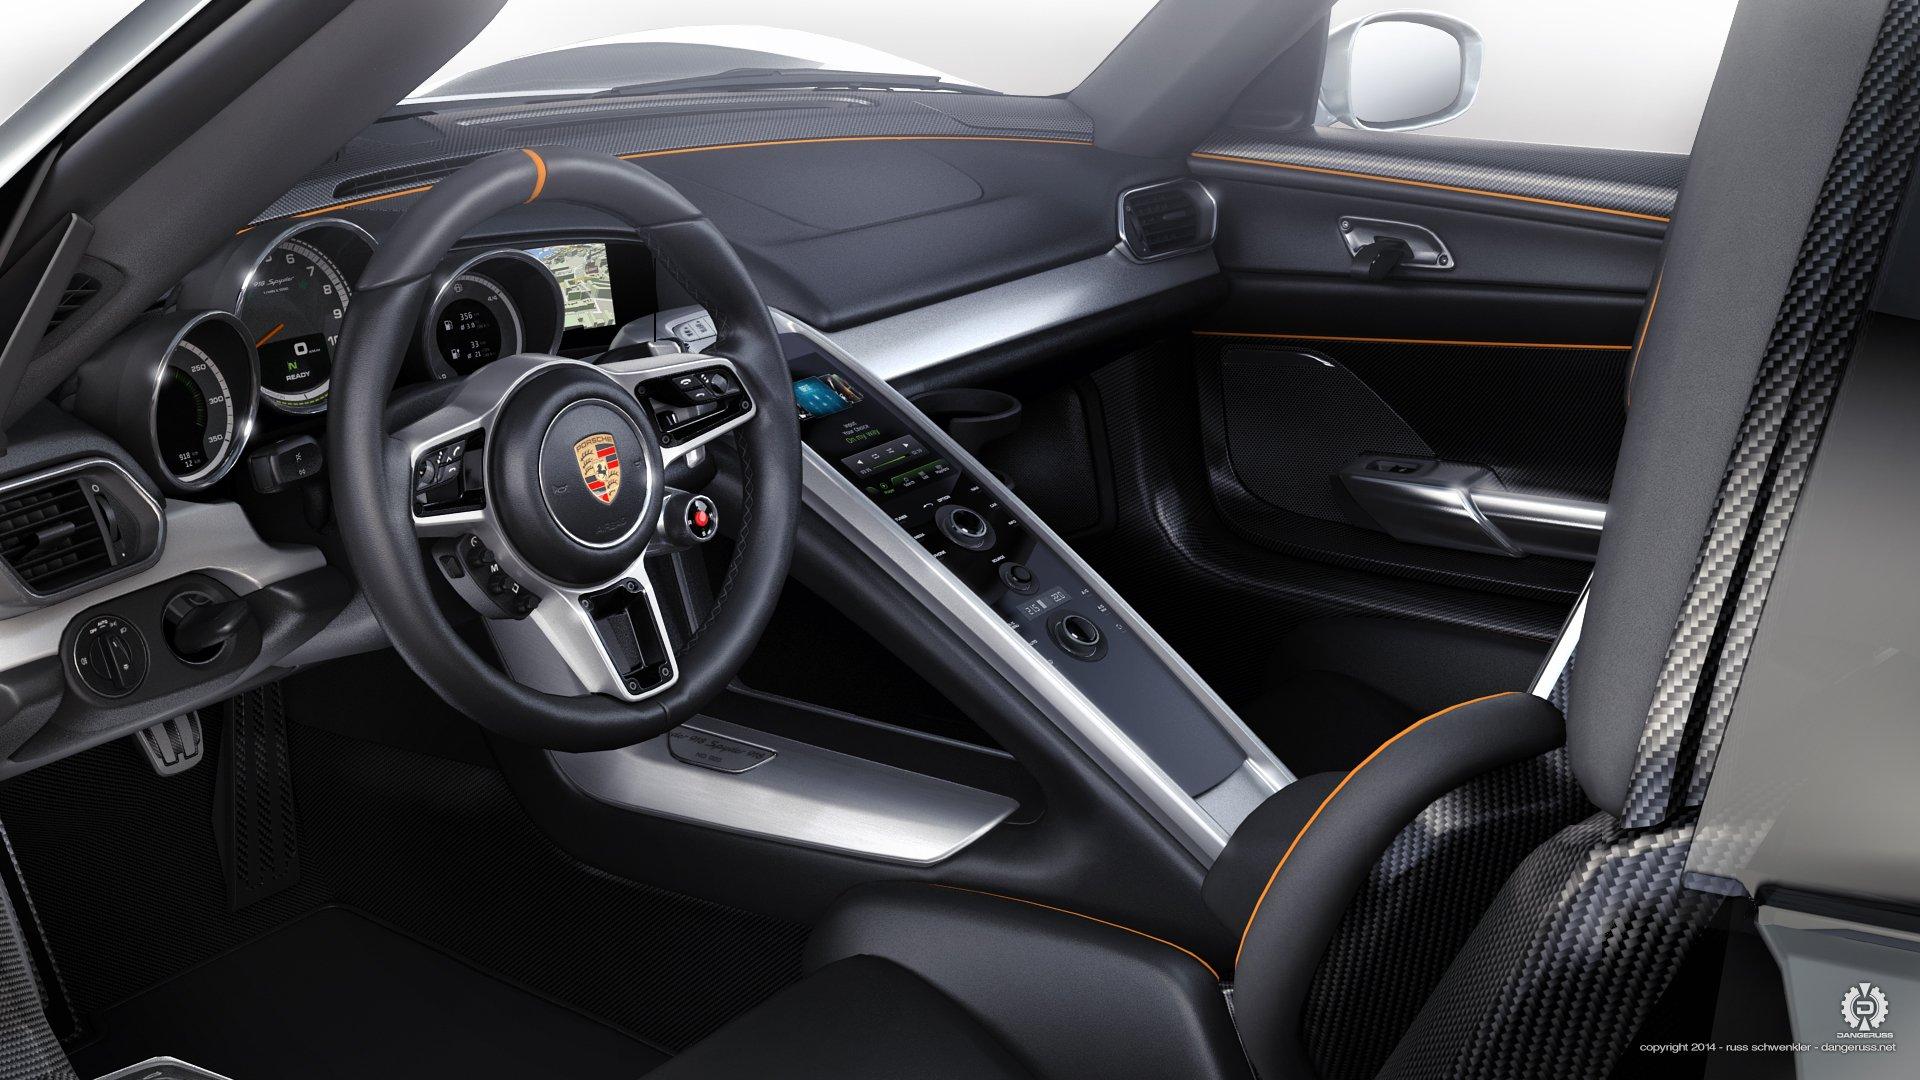 2015 porsche 918 interior wallpaper 1920x1080 615702 wallpaperup - Porsche 918 Production Wallpaper